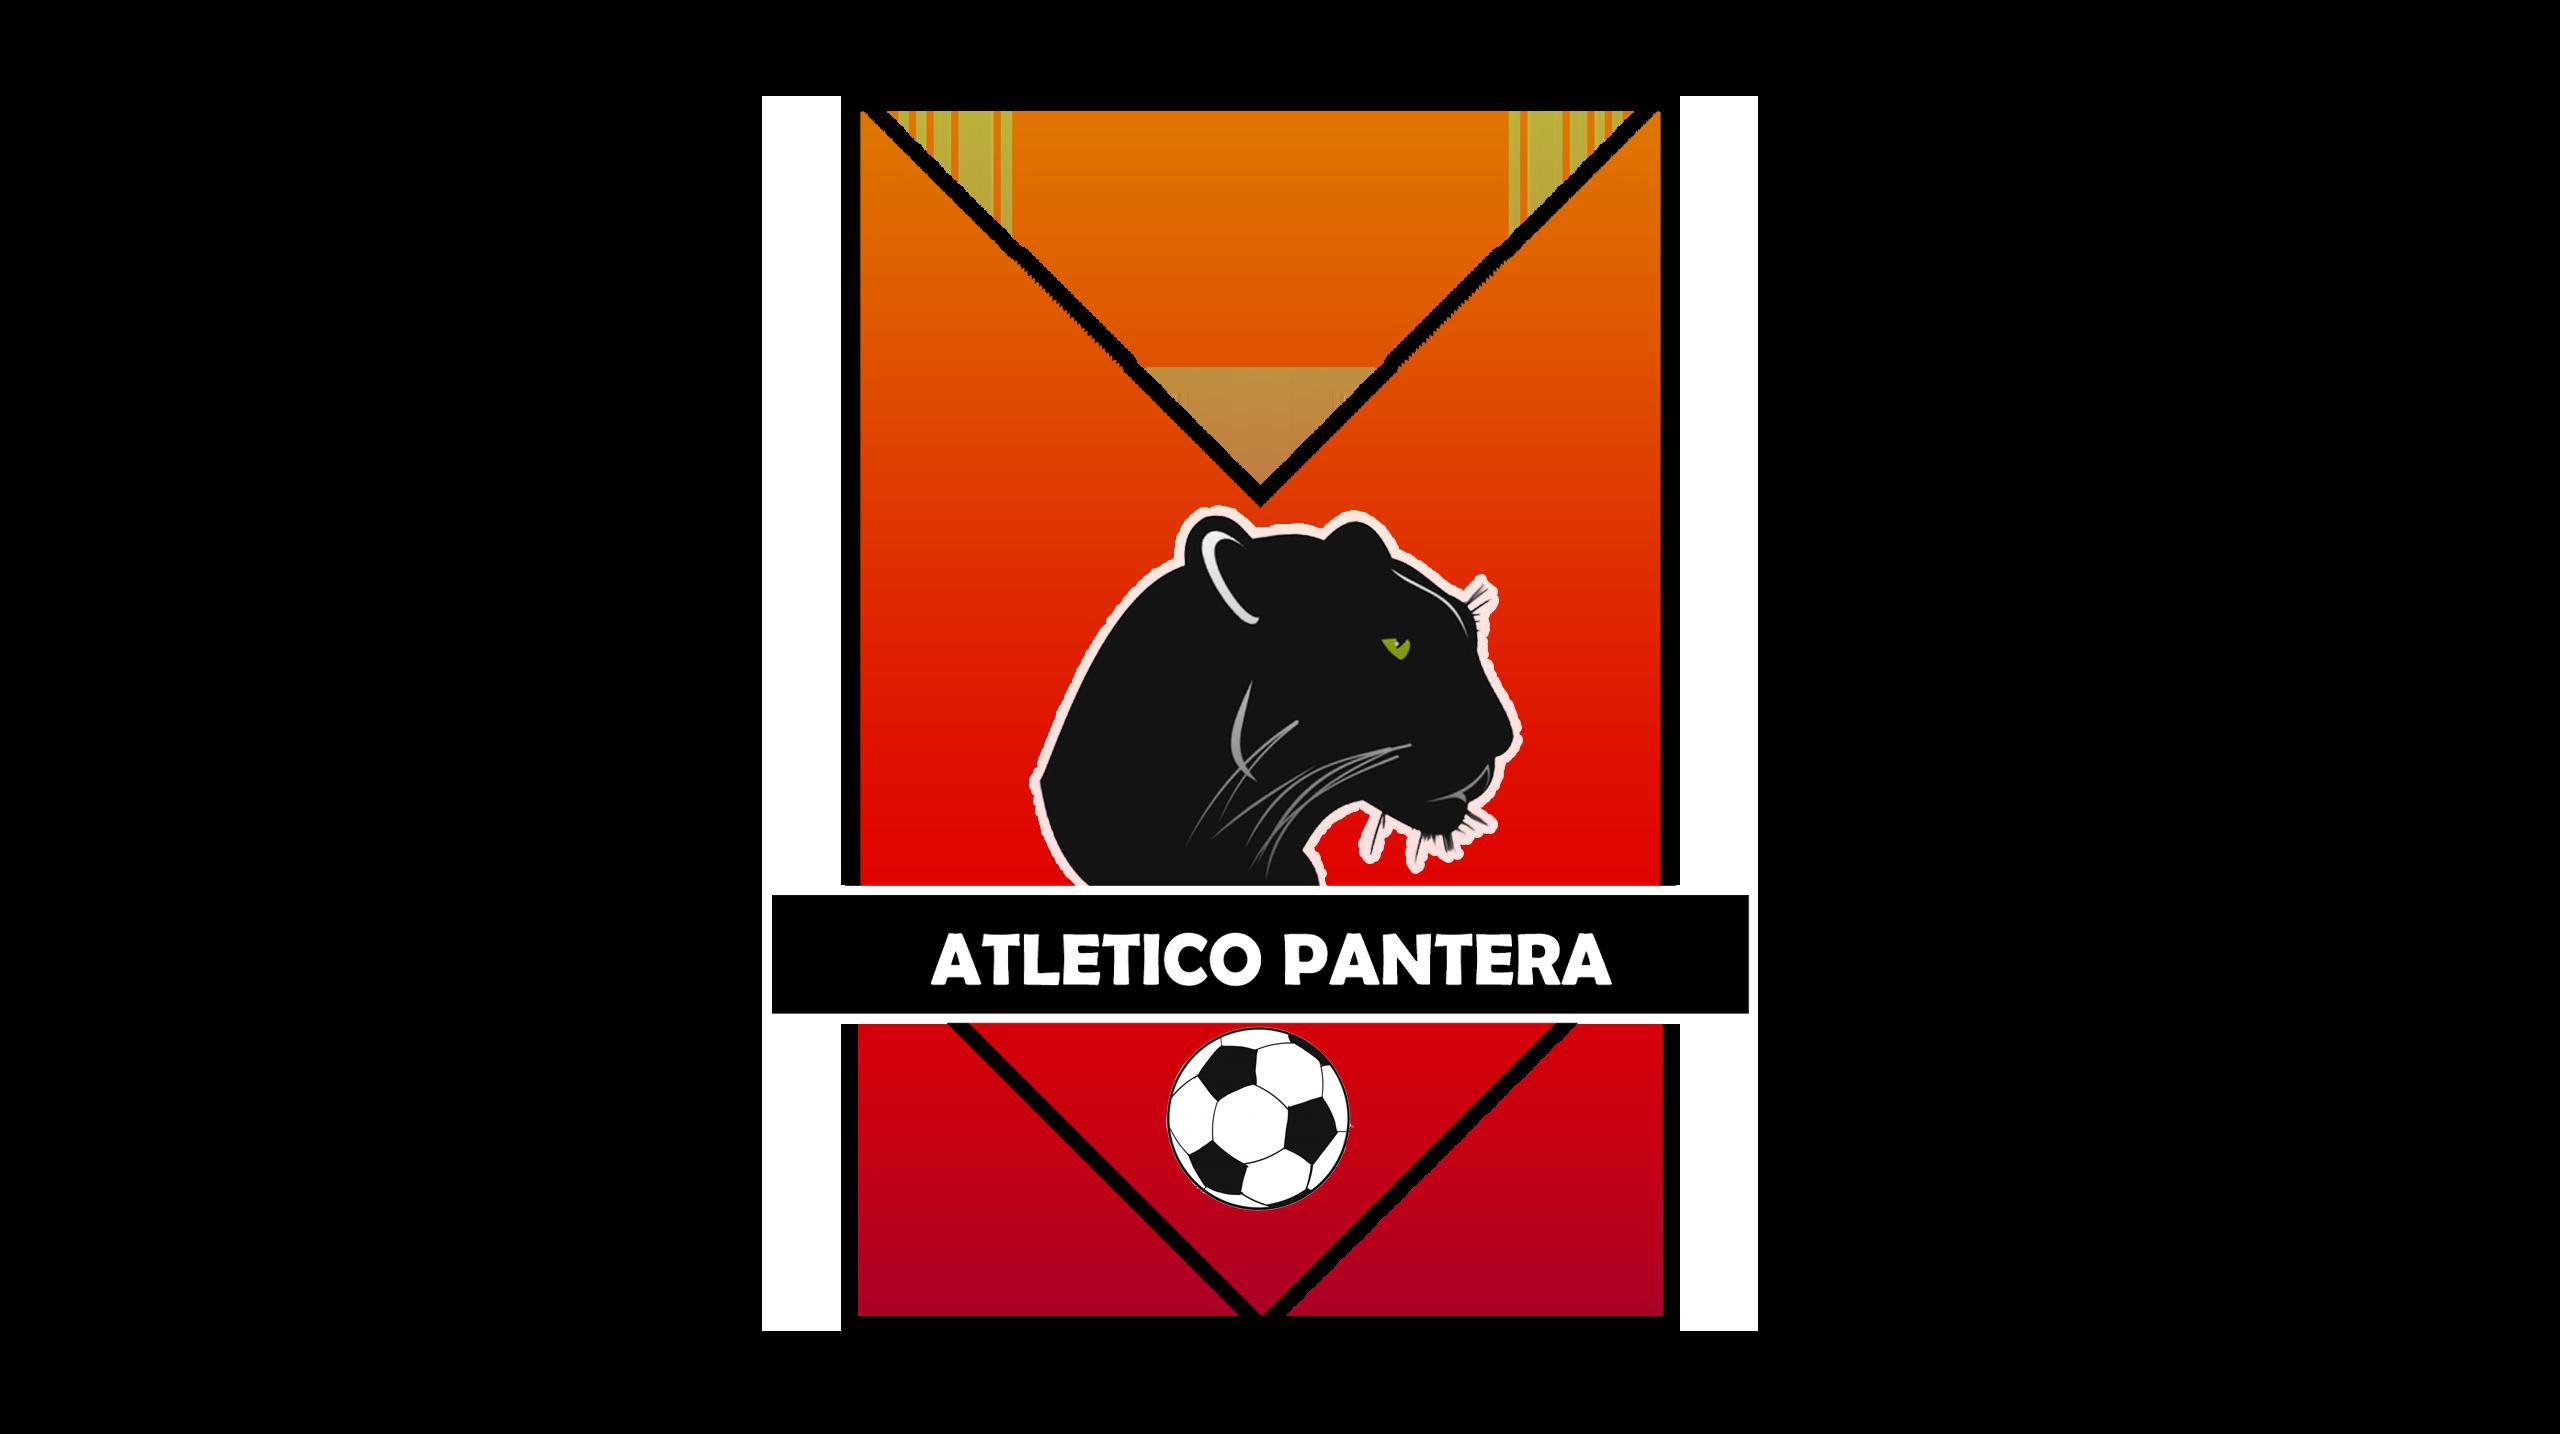 Atletico Pantera